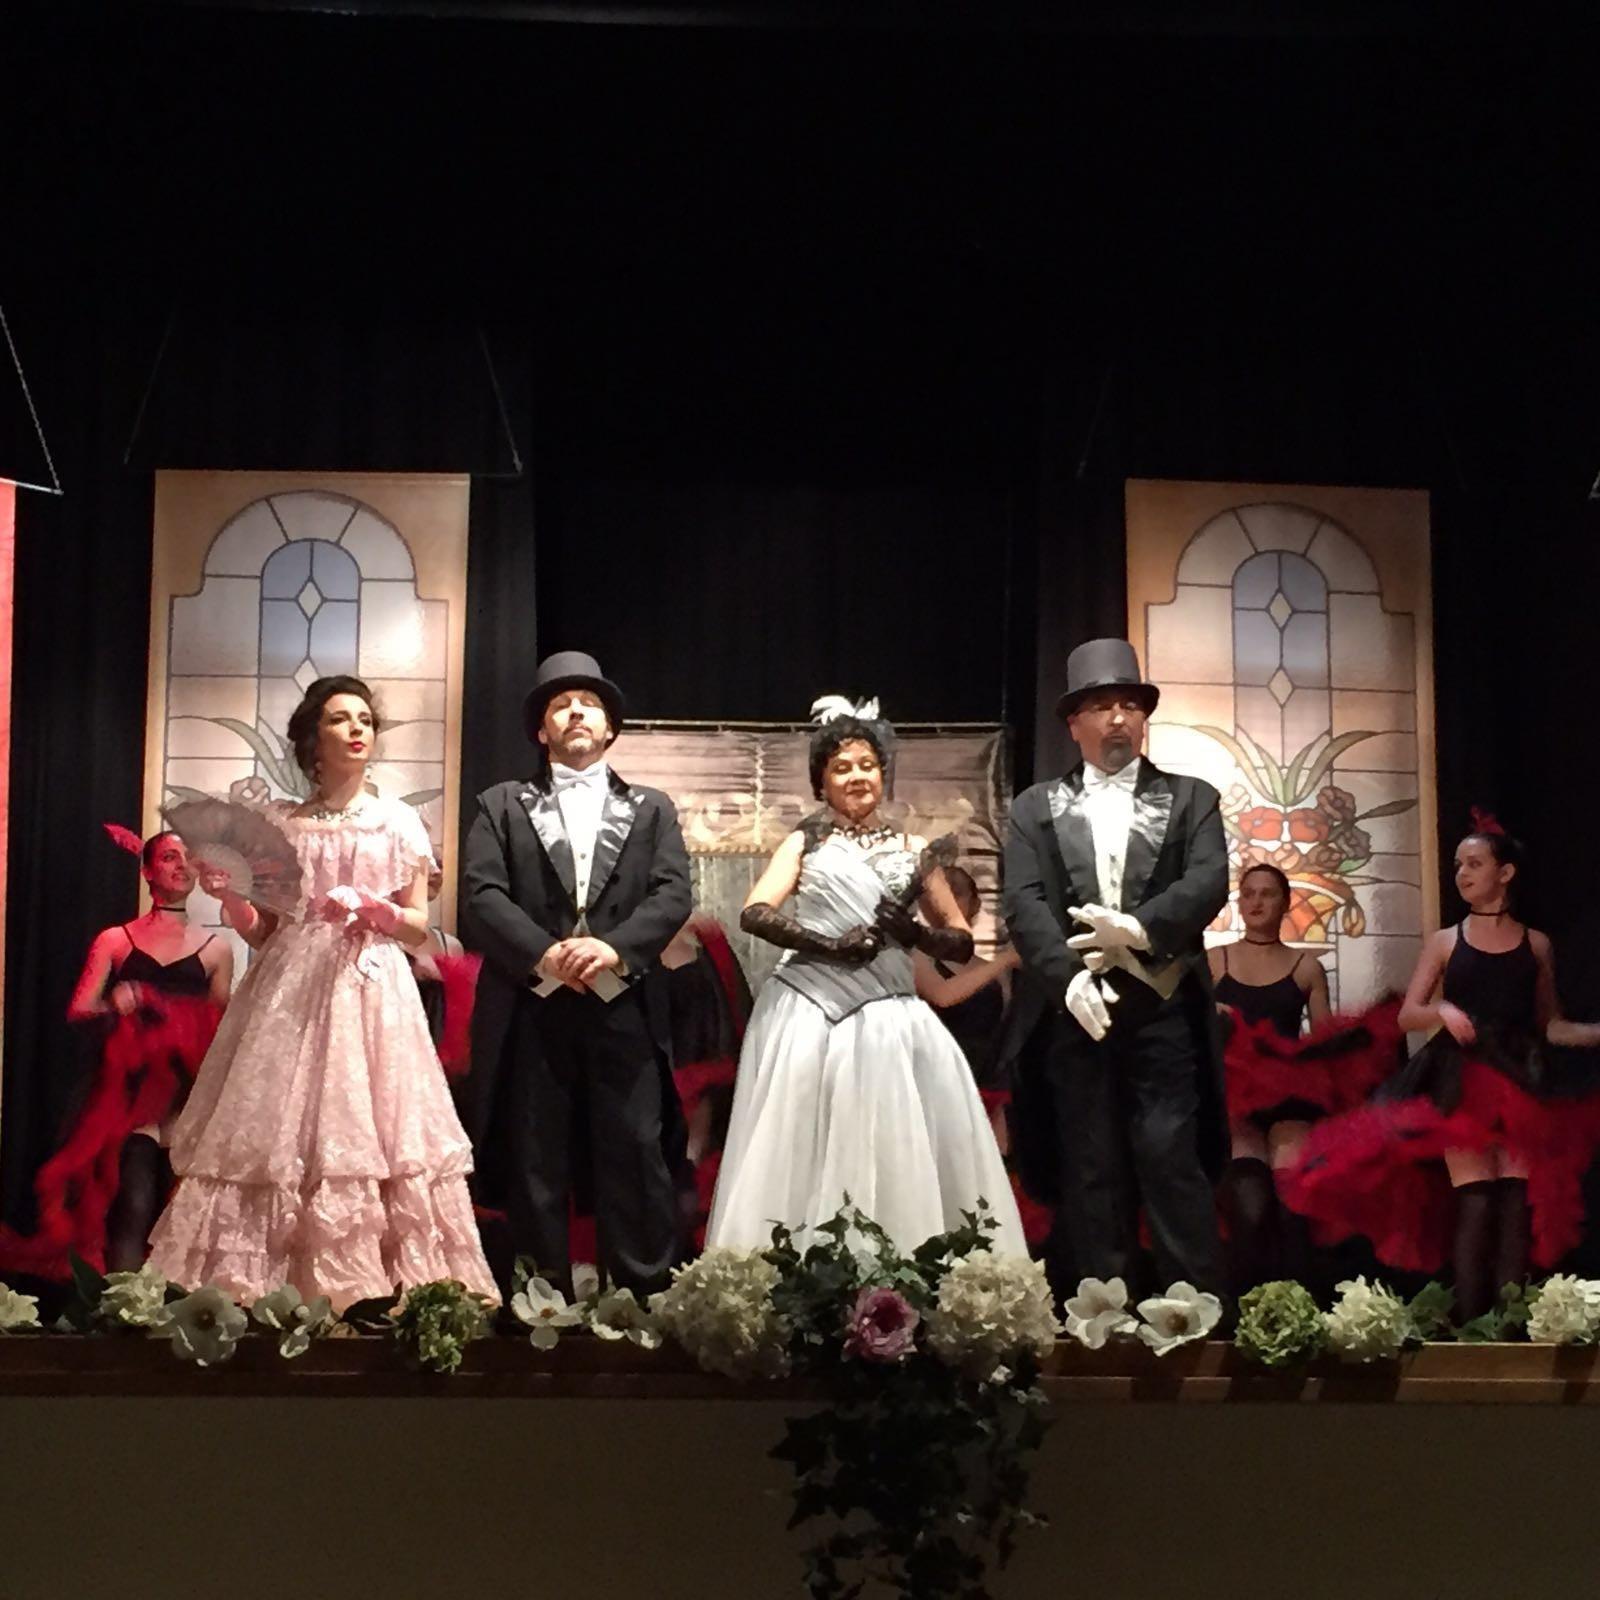 """Alla riscoperta dell'operetta. """"Una bella serata di teatro a Camaiore"""""""